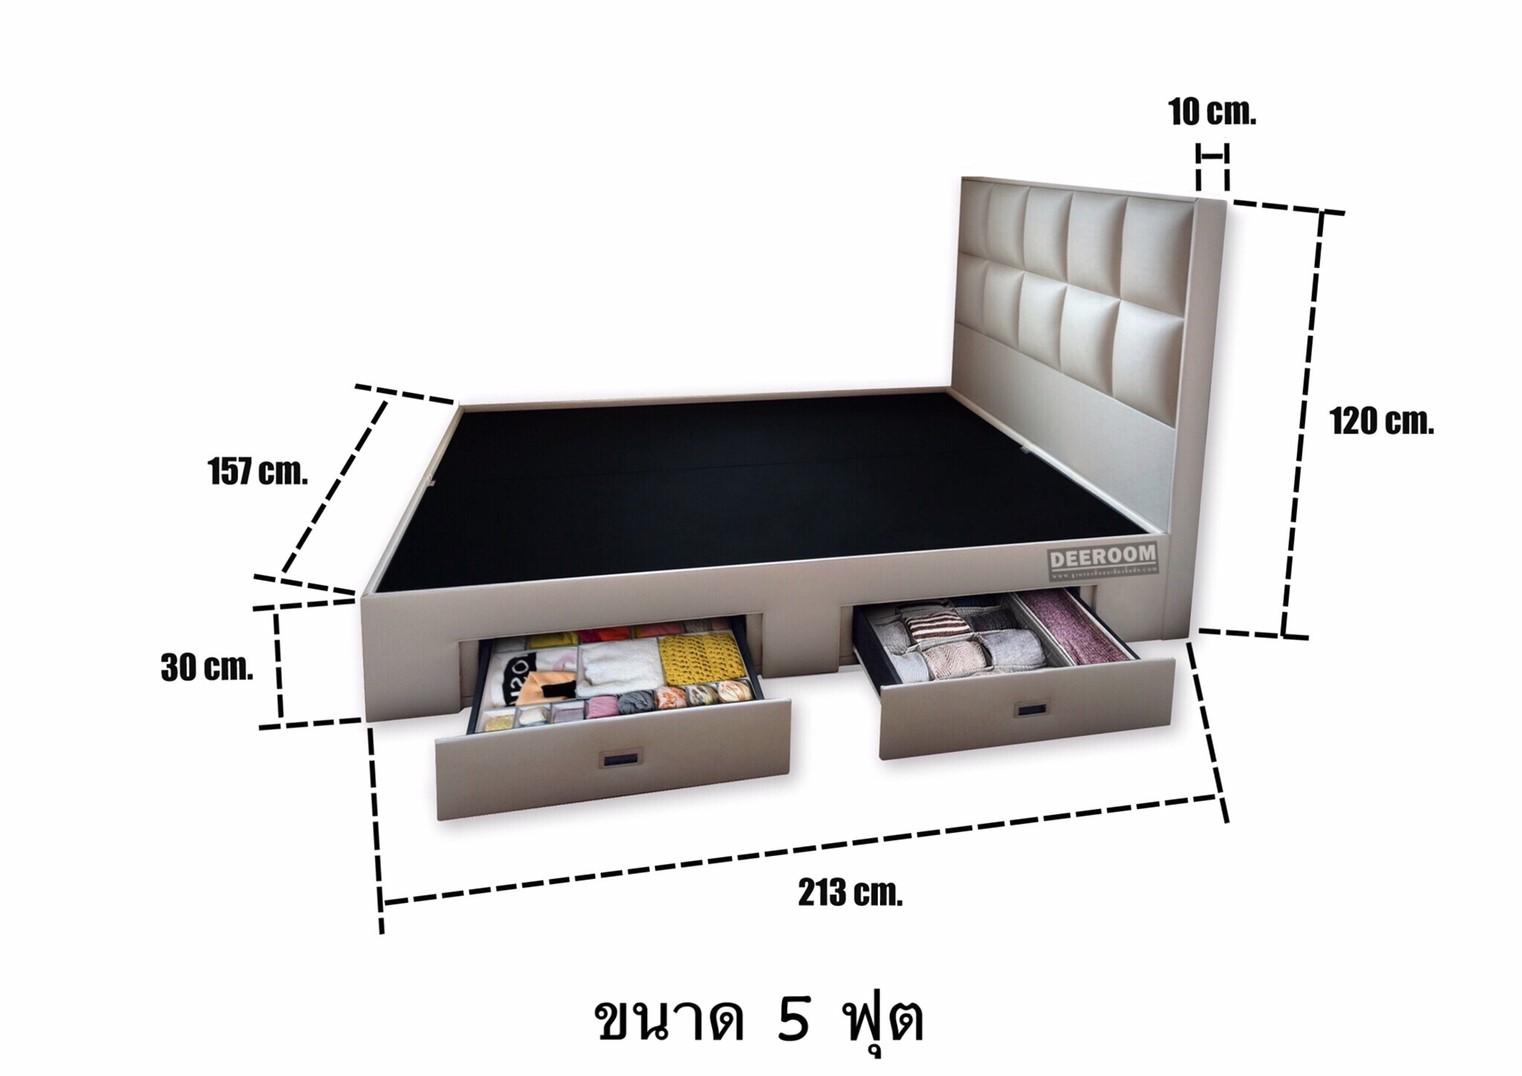 ขนาดฐานรองที่นอนพร้อมหัวเตียง รุ่นMosaic design ขนาด 5 ฟุต